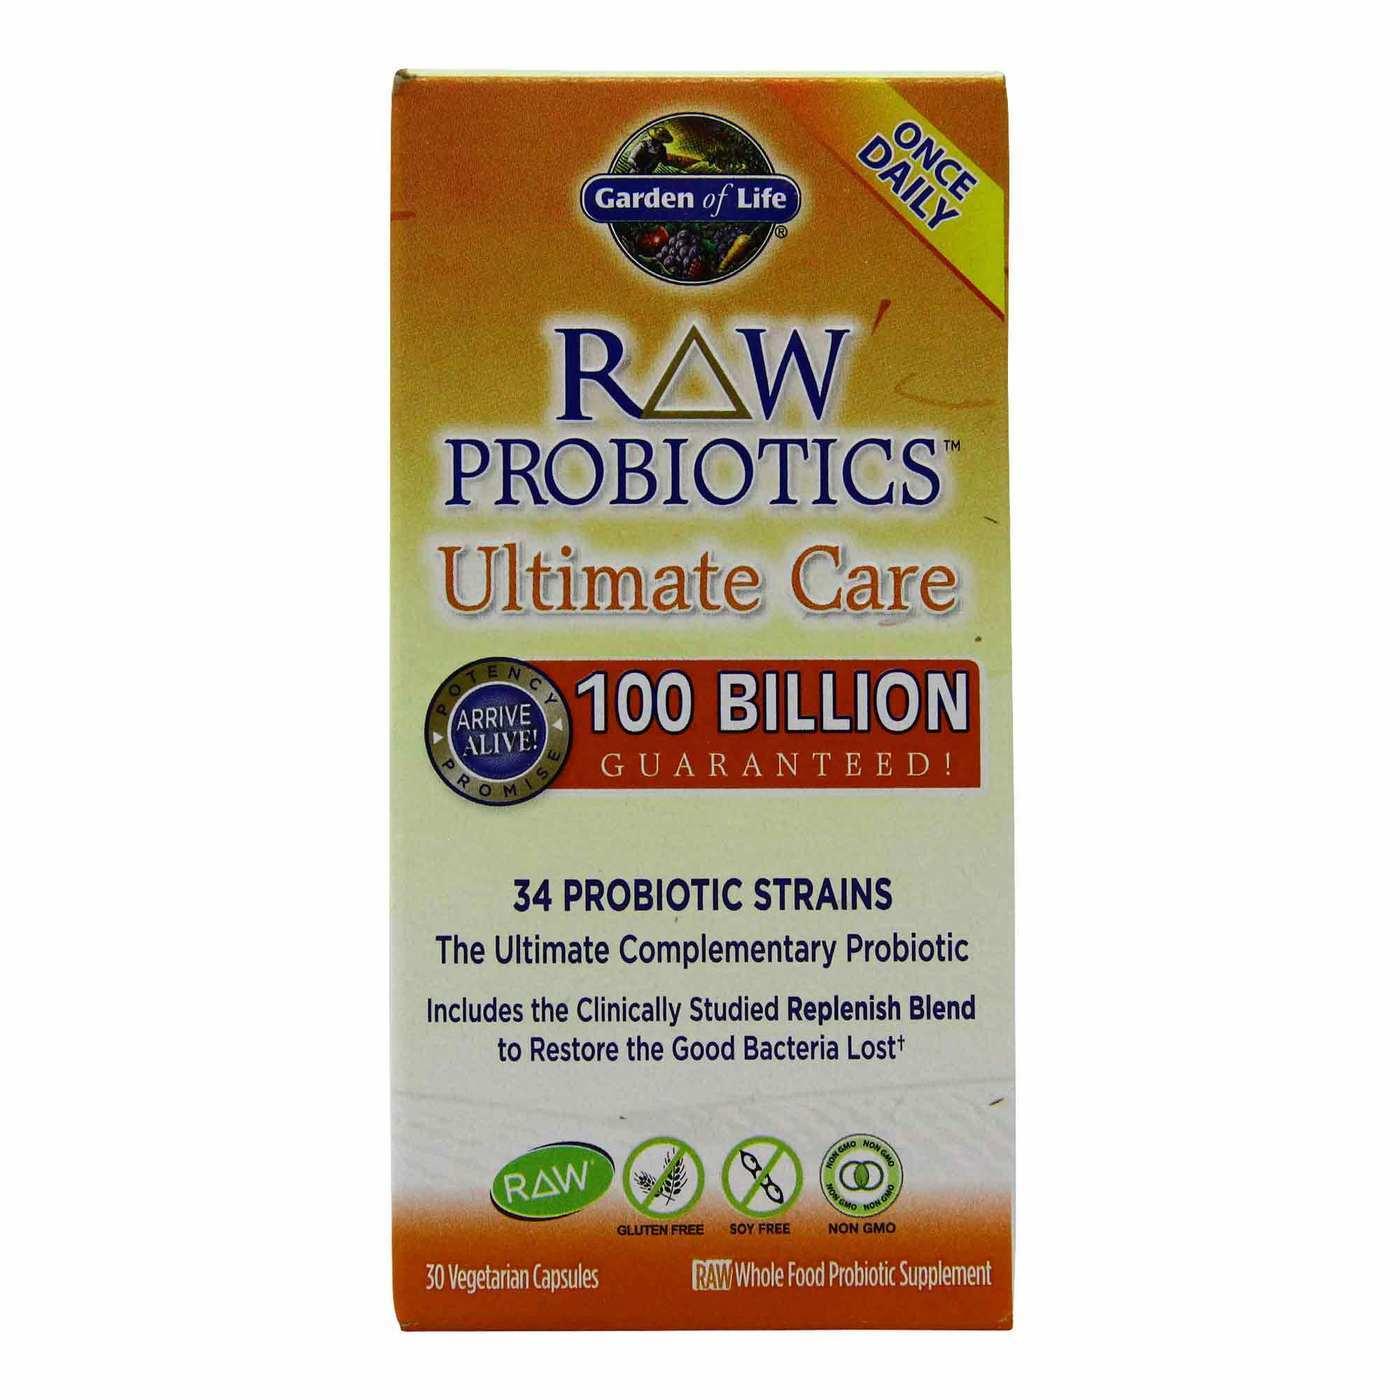 Garden of Life RAW Probiotics Ultimate Care – 30 Vegetarian Capsules